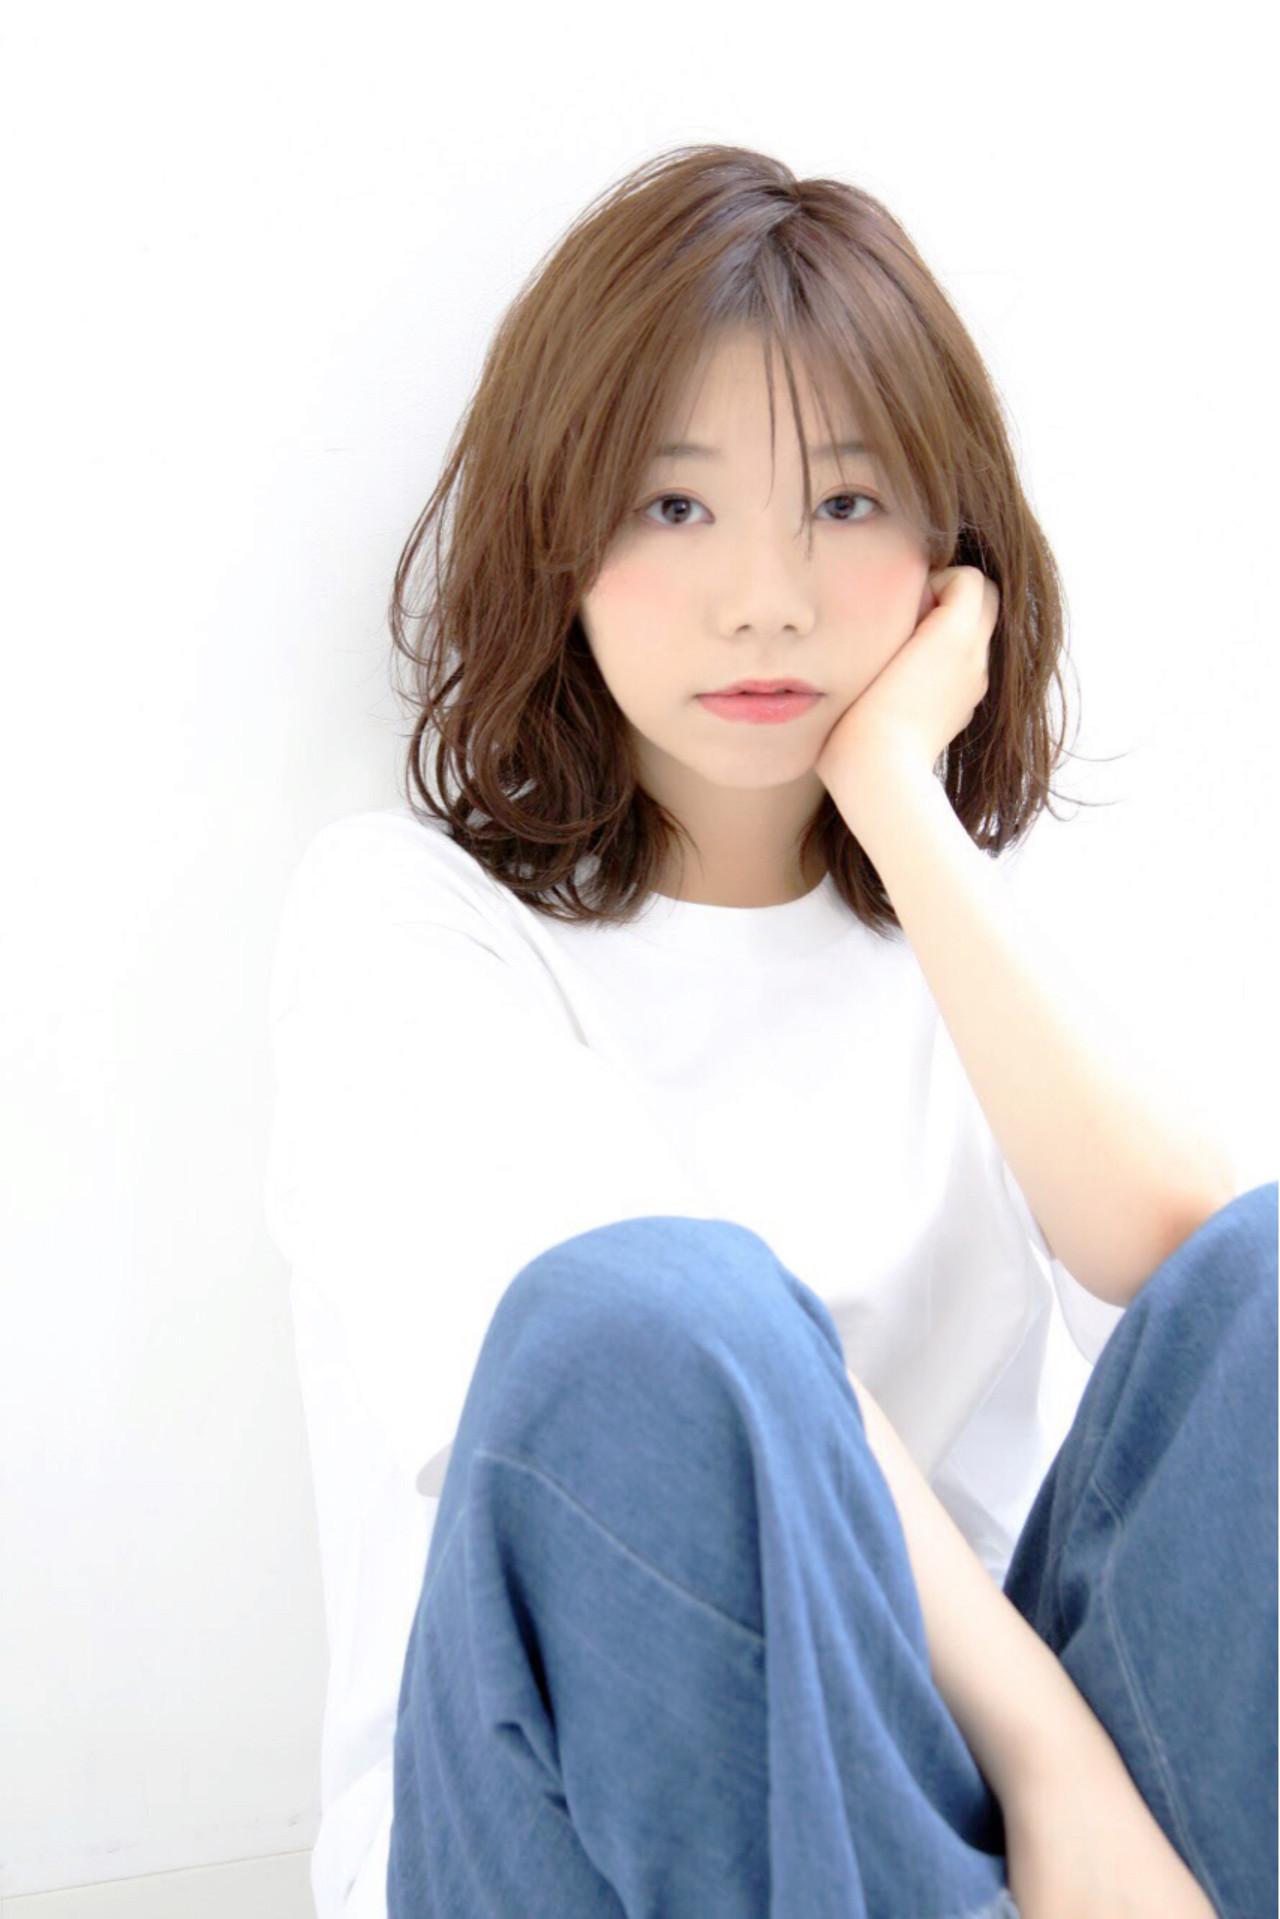 伸びかけの前髪をブローでセット 大嶋 理紗